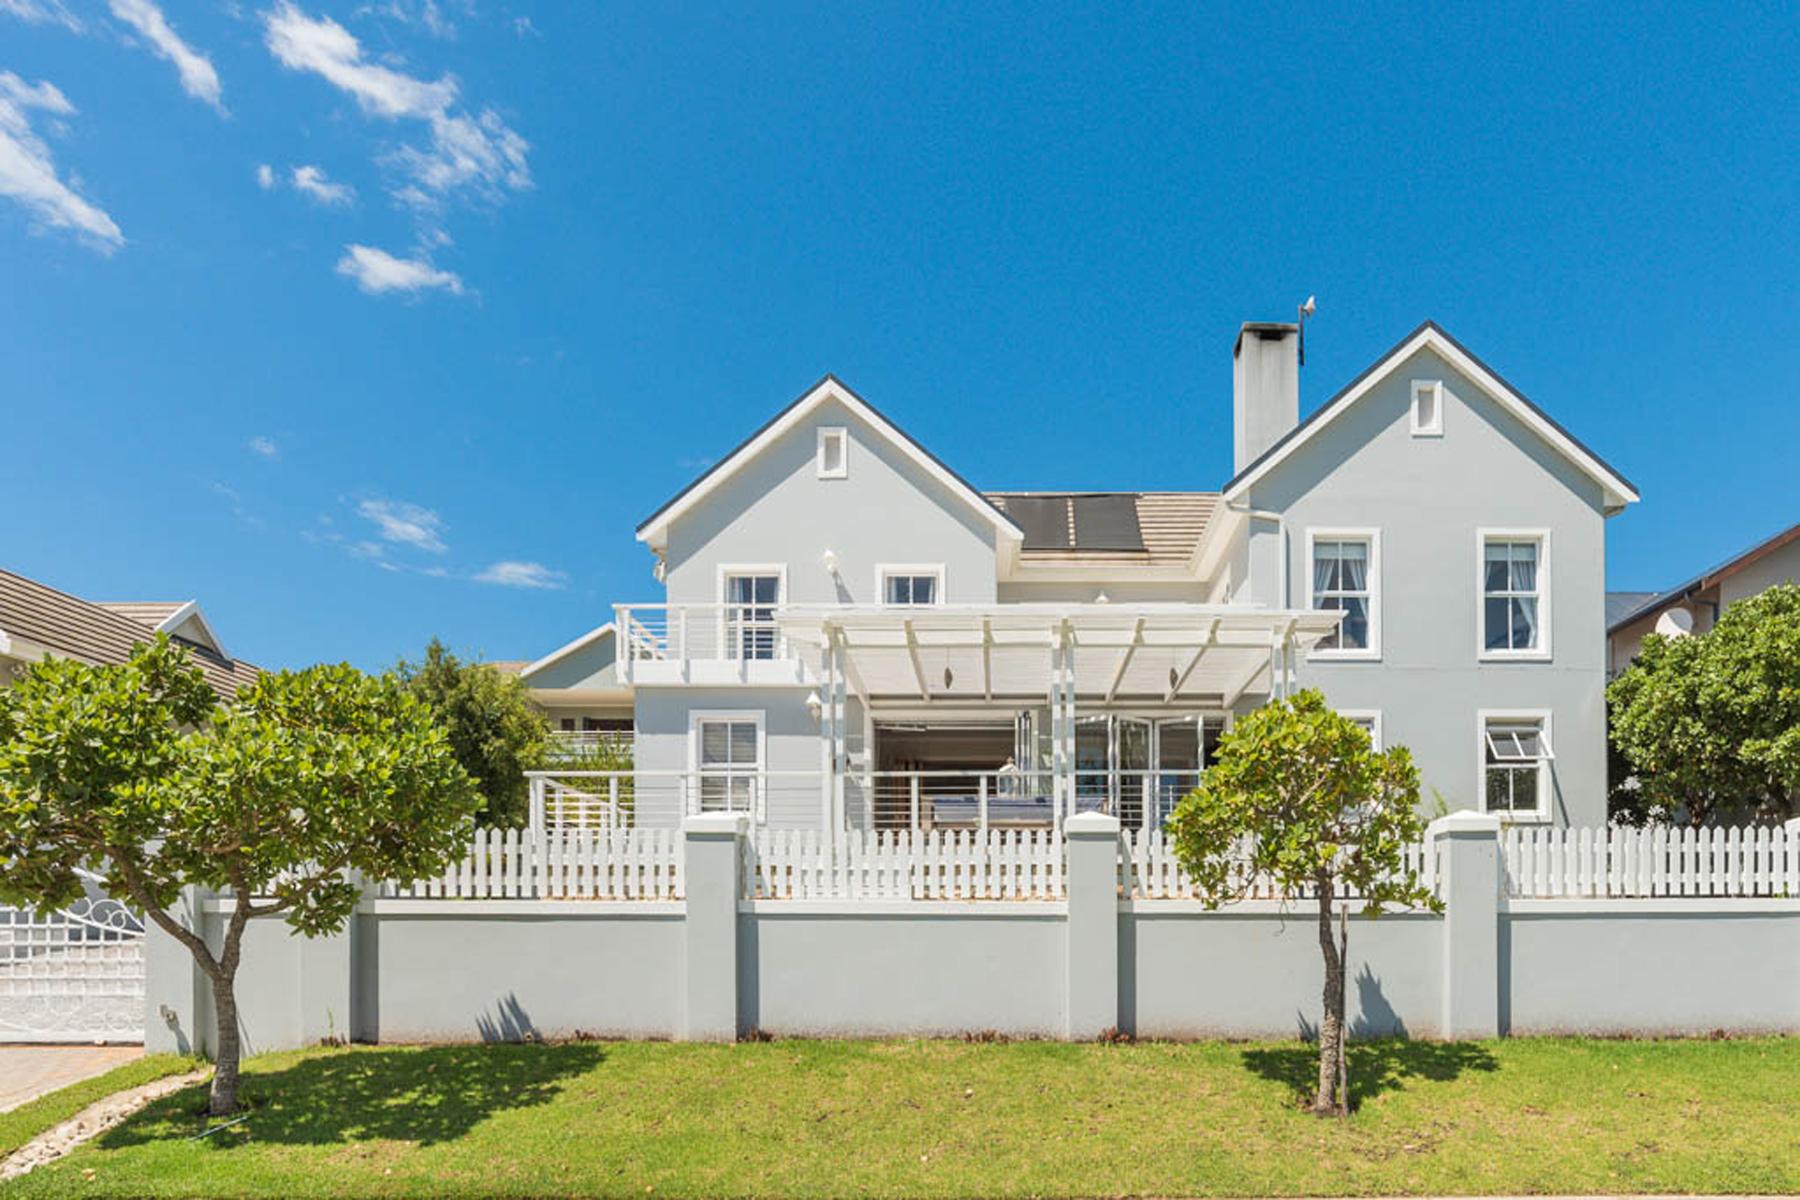 단독 가정 주택 용 매매 에 Kraaibosch Manor George, 웨스턴 케이프, 남아프리카